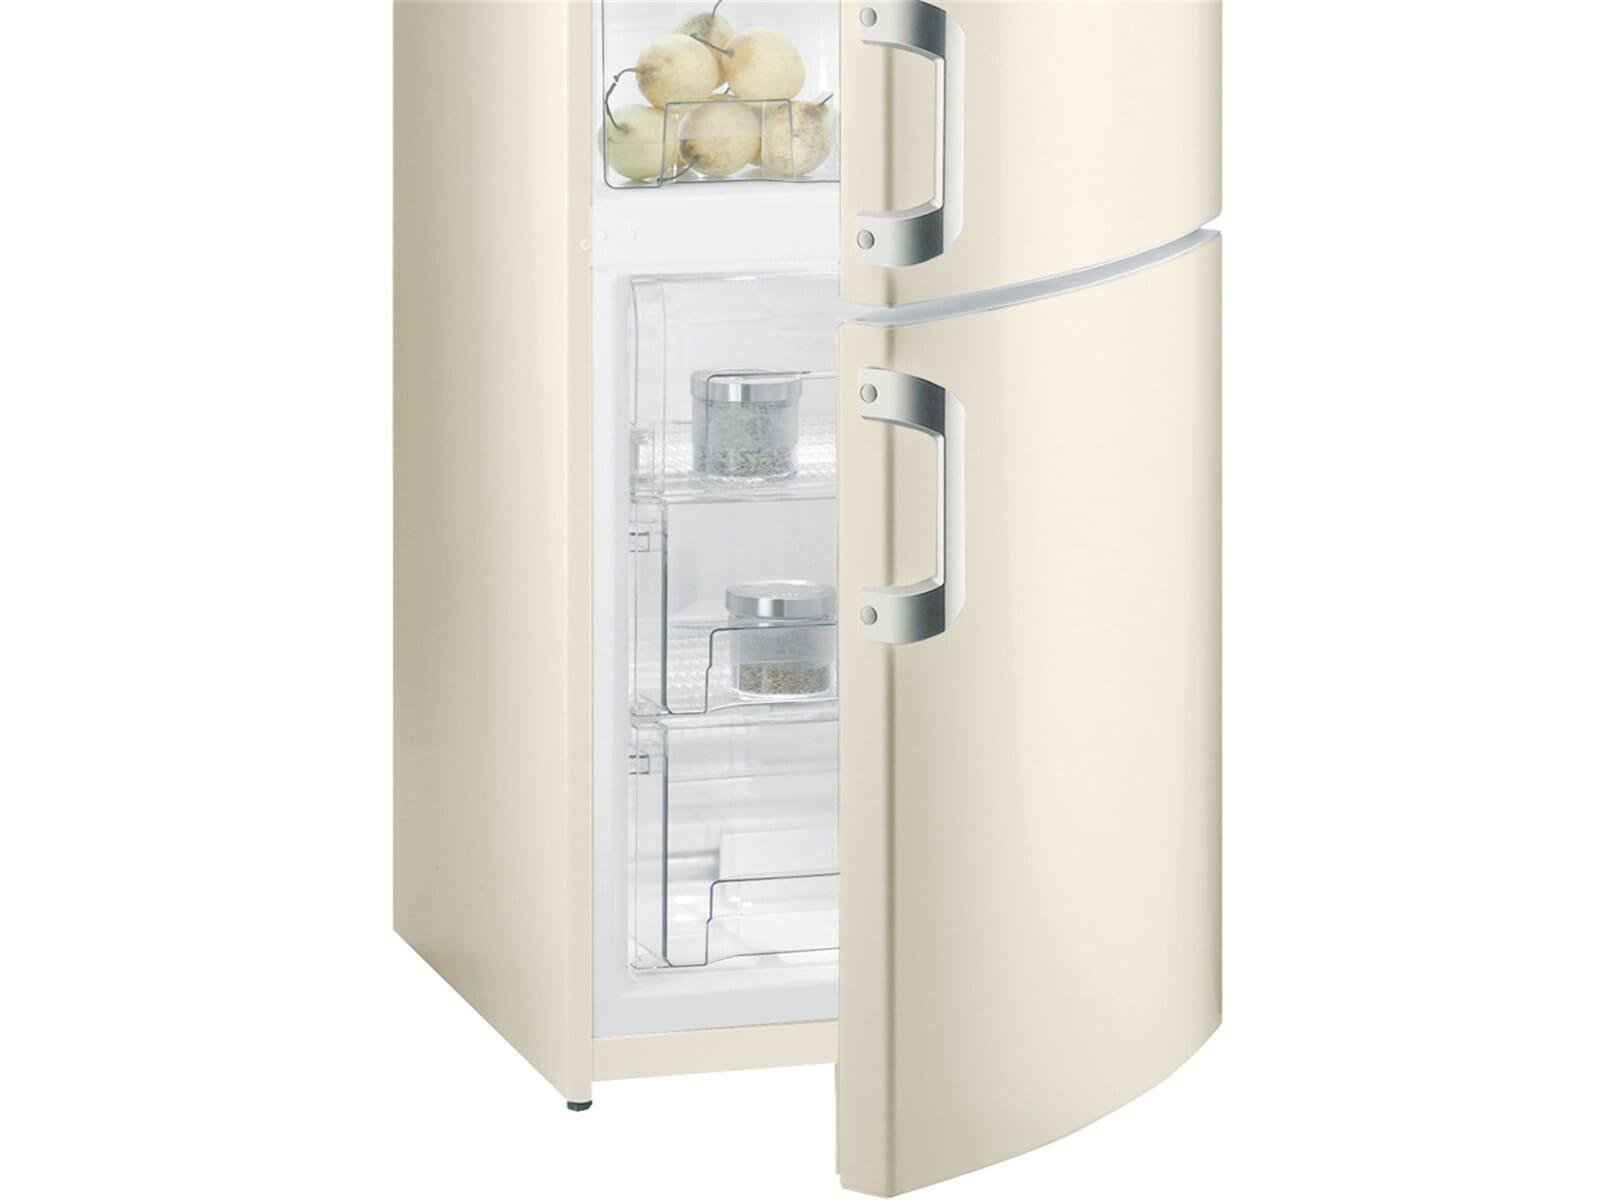 Gorenje Kühlschrank Beige : Retro kühlschrank creme design kühlschränke von gorenje smeg